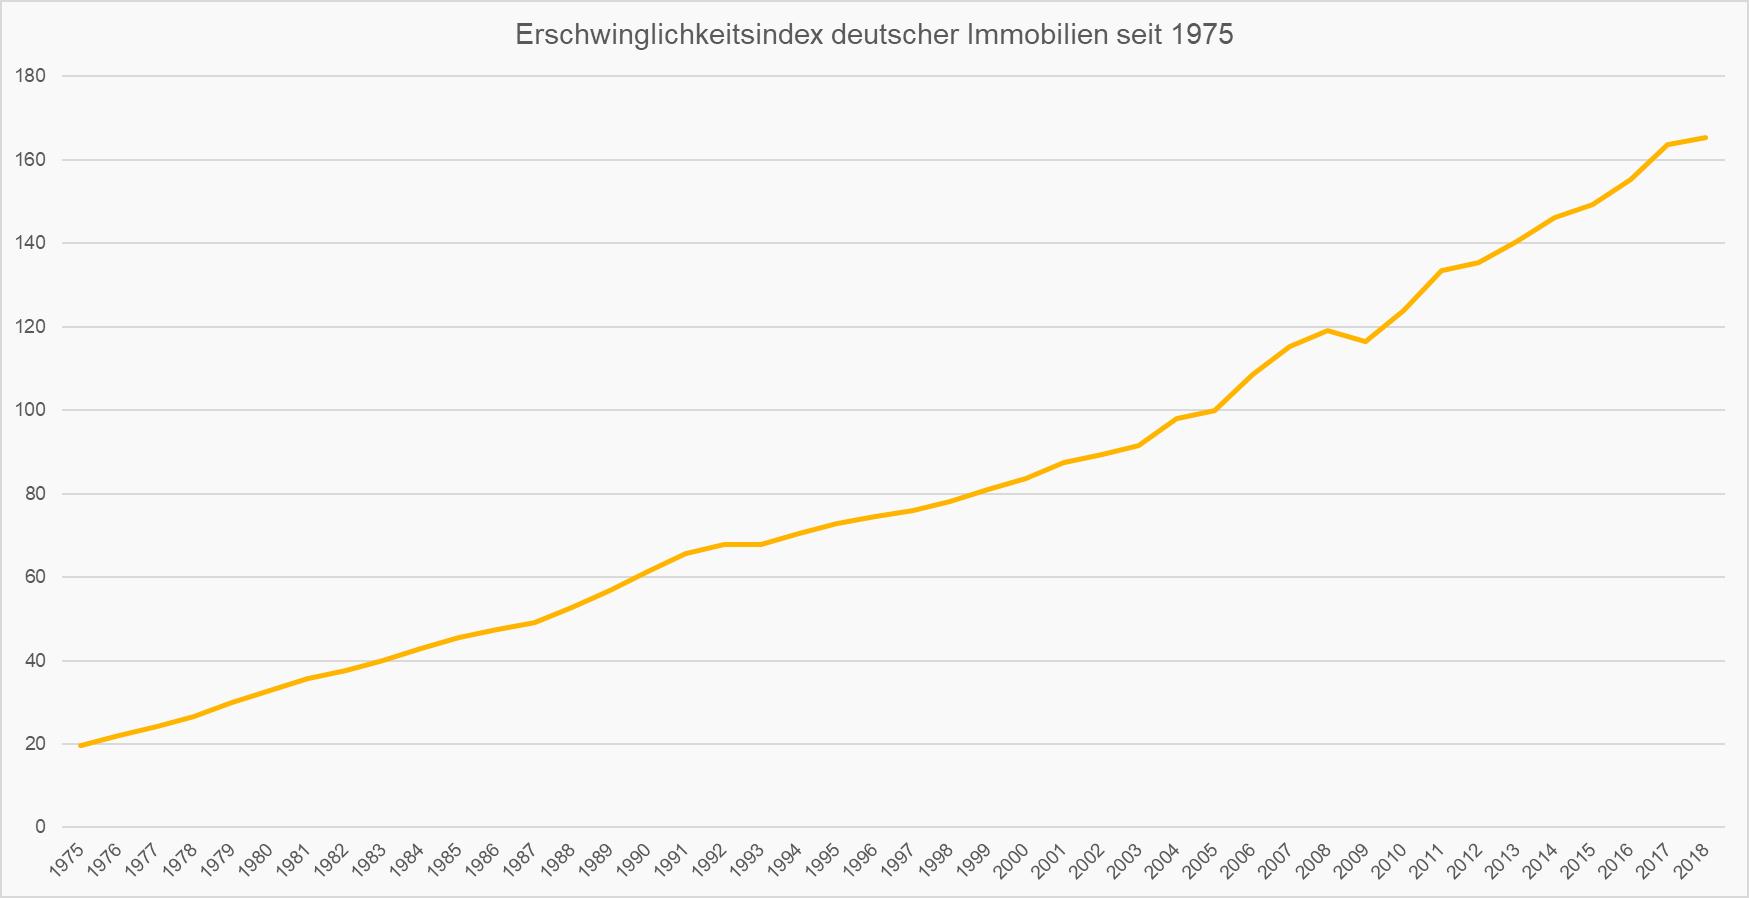 Erschwinglichkeitsindex deutscher Immobilienpreise seit 1975